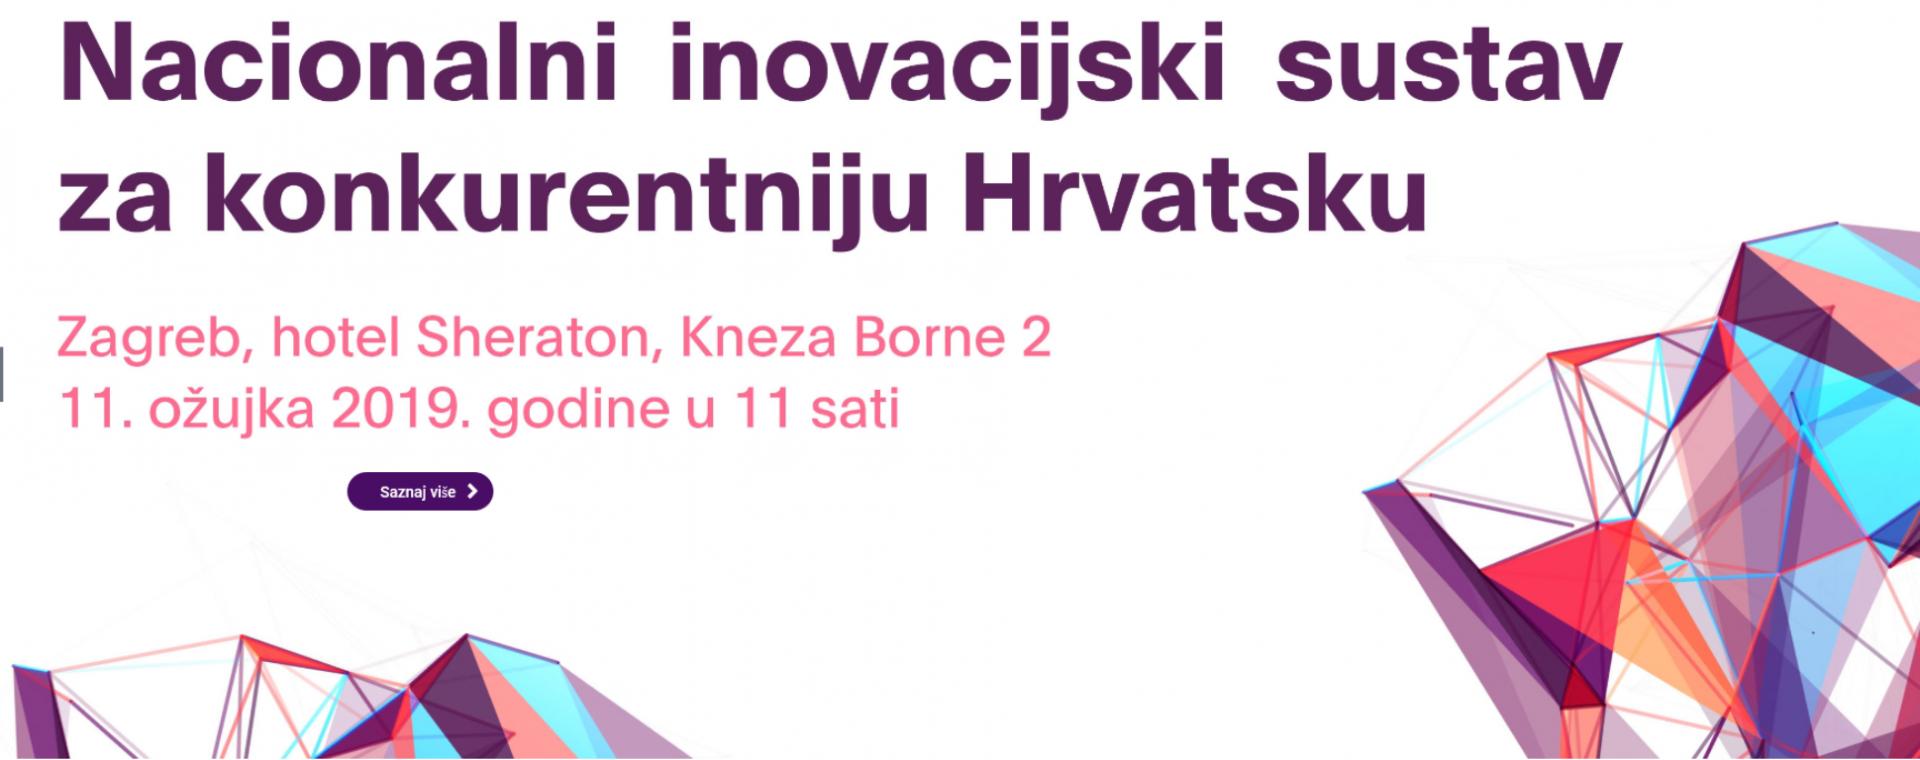 Sistema dell'Innovazione in Croazia: al via la seconda conferenza internazionale